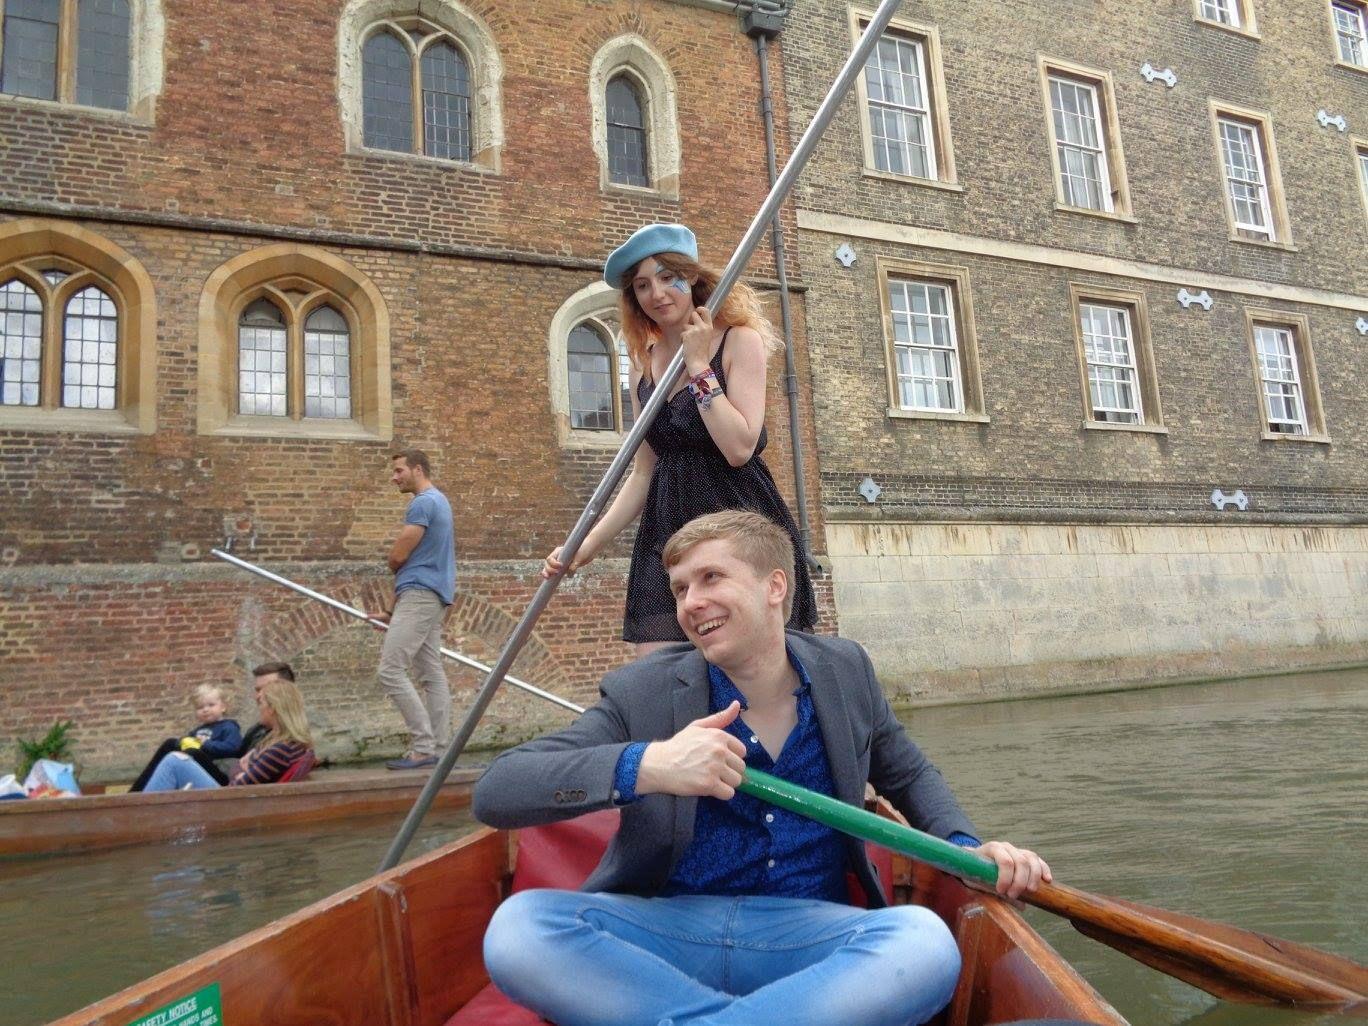 Image may contain: Pole, Watercraft, Rowboat, Canoe, Racket, Paddle, Gondola, Boat, Human, Person, People